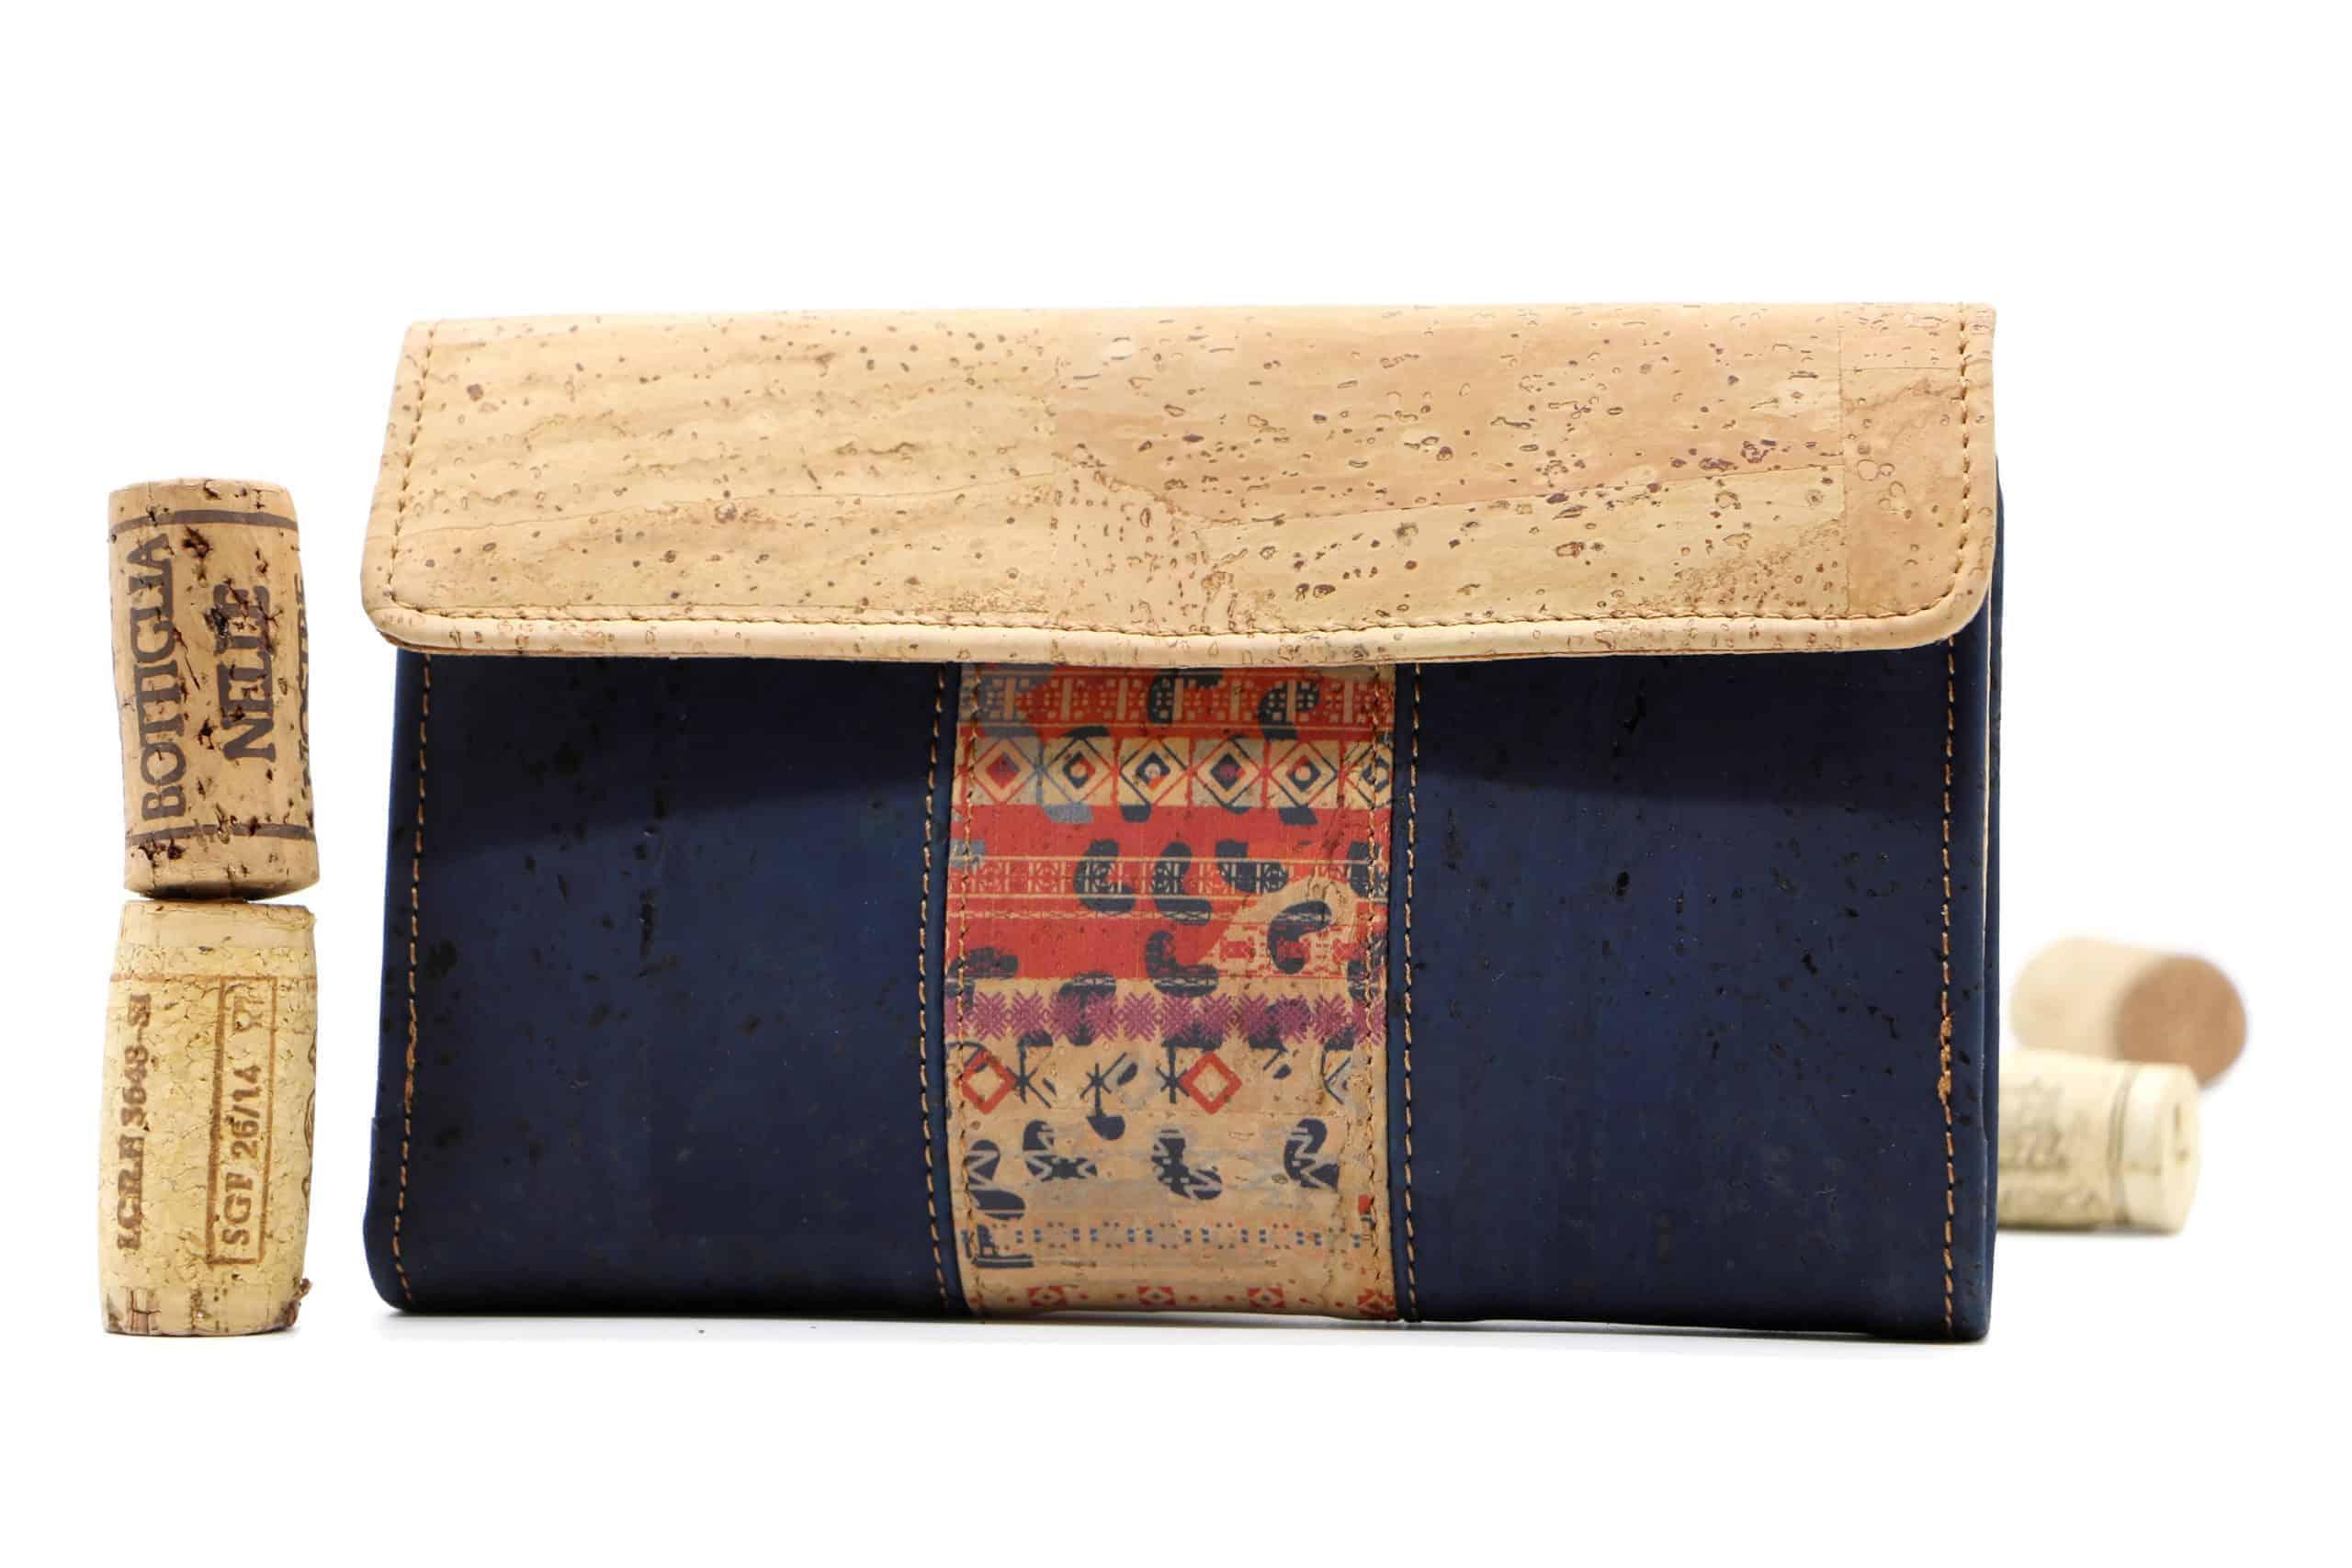 Damen Portemonnaie aus Kork